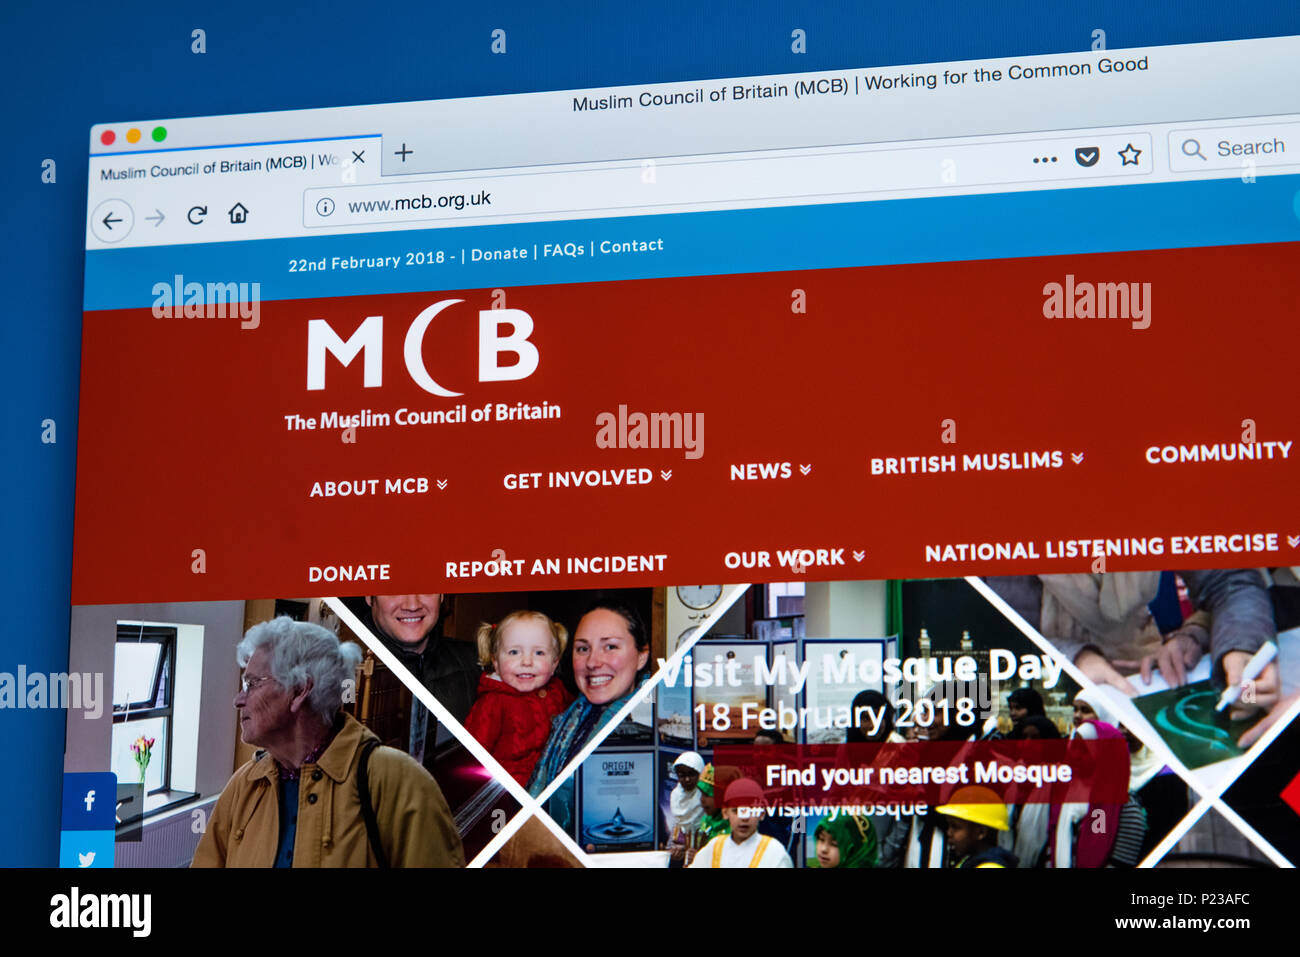 Regno Unito musulmani siti di incontri